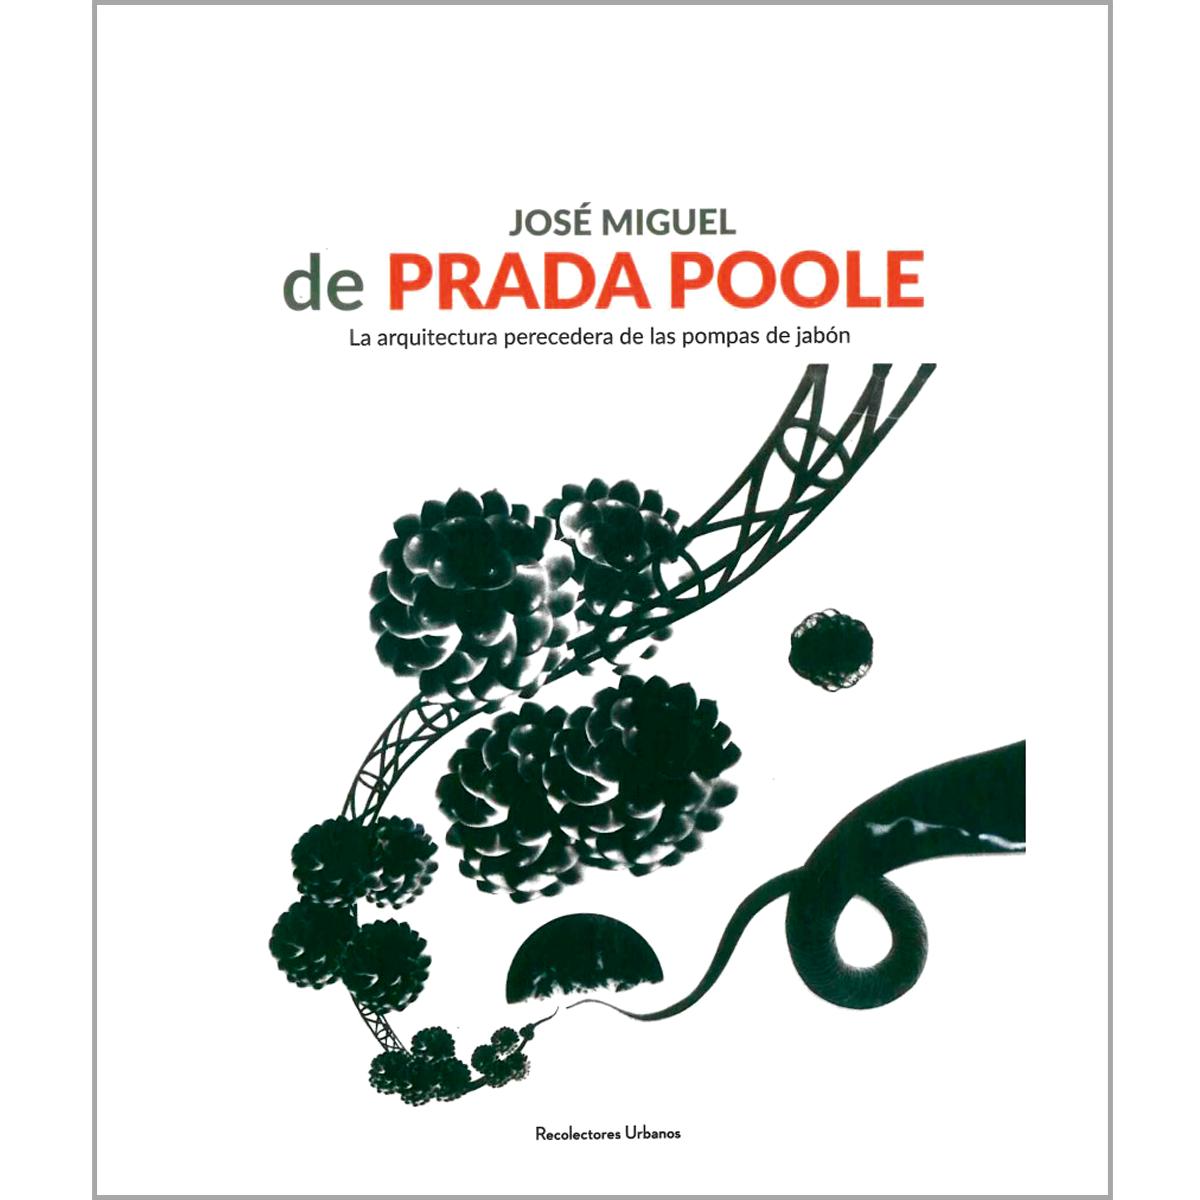 José Miguel de Prada Poole